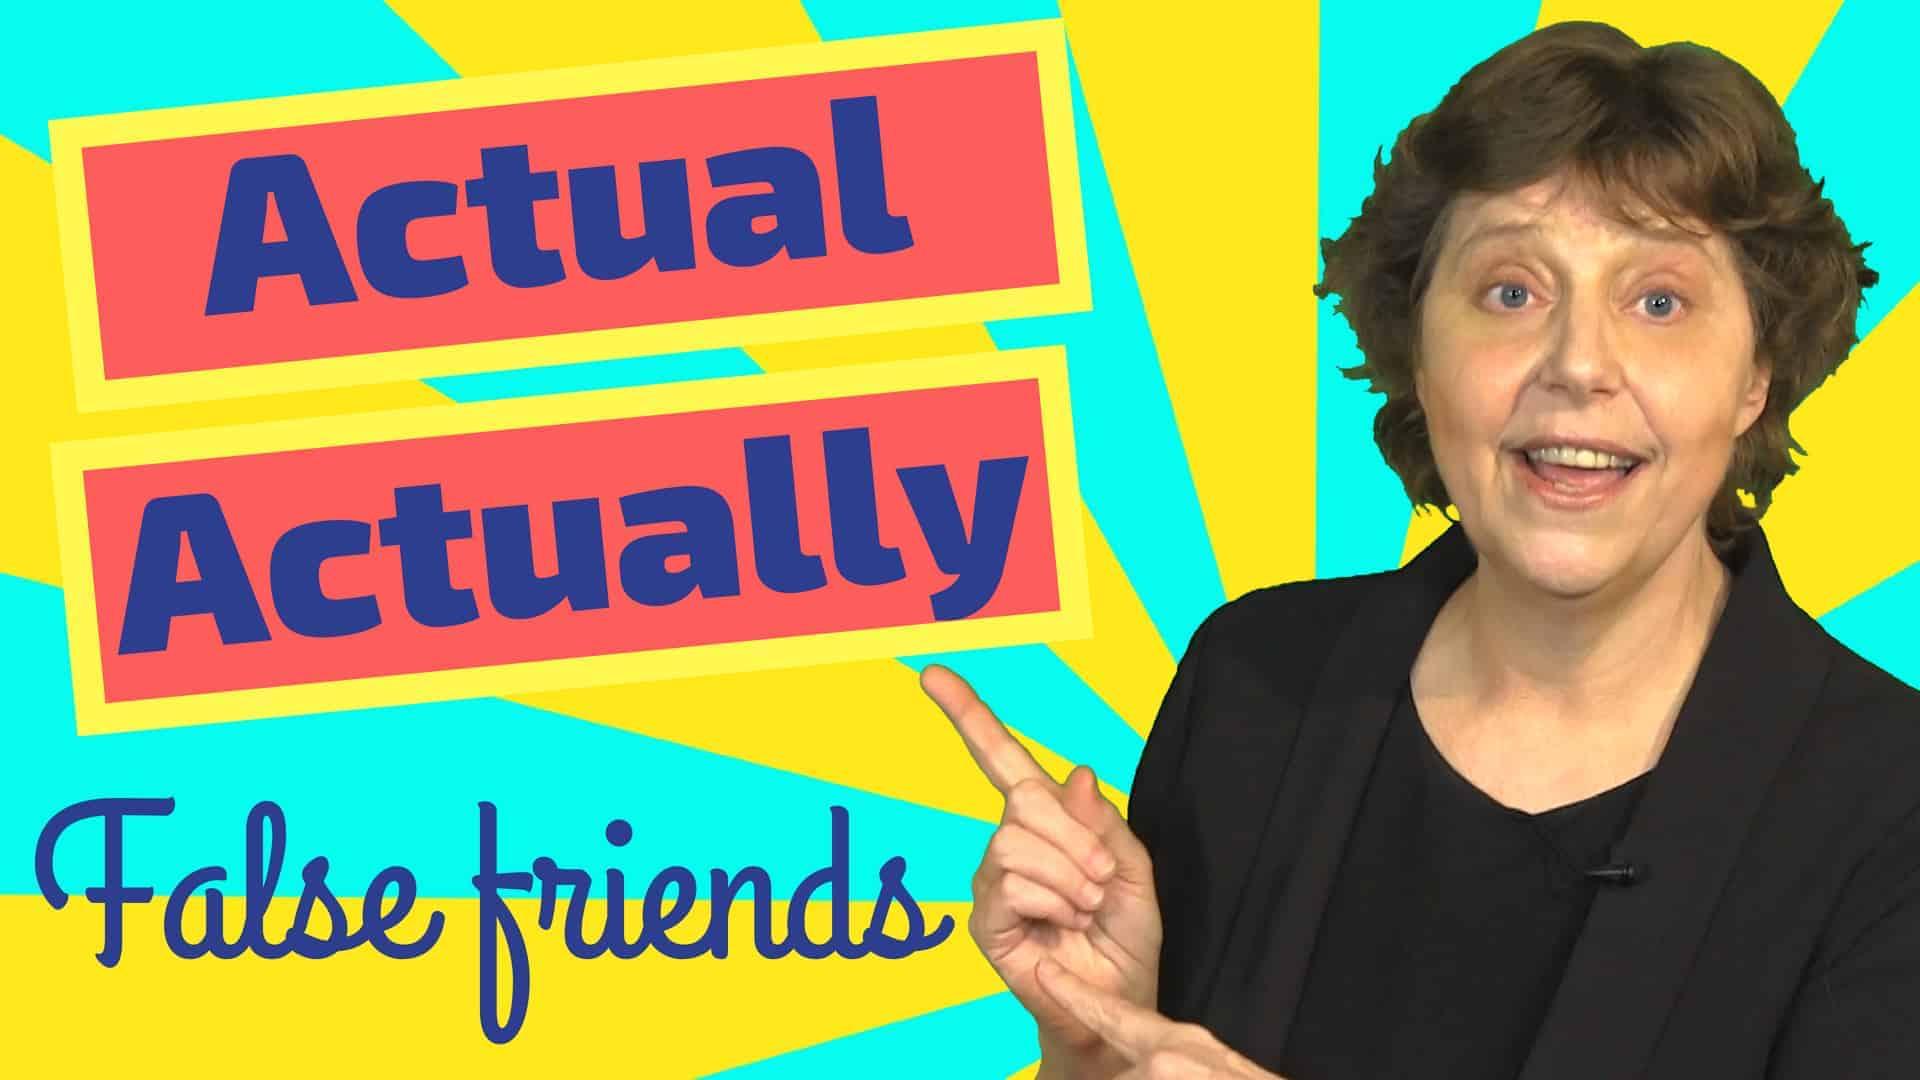 actual actually false friends